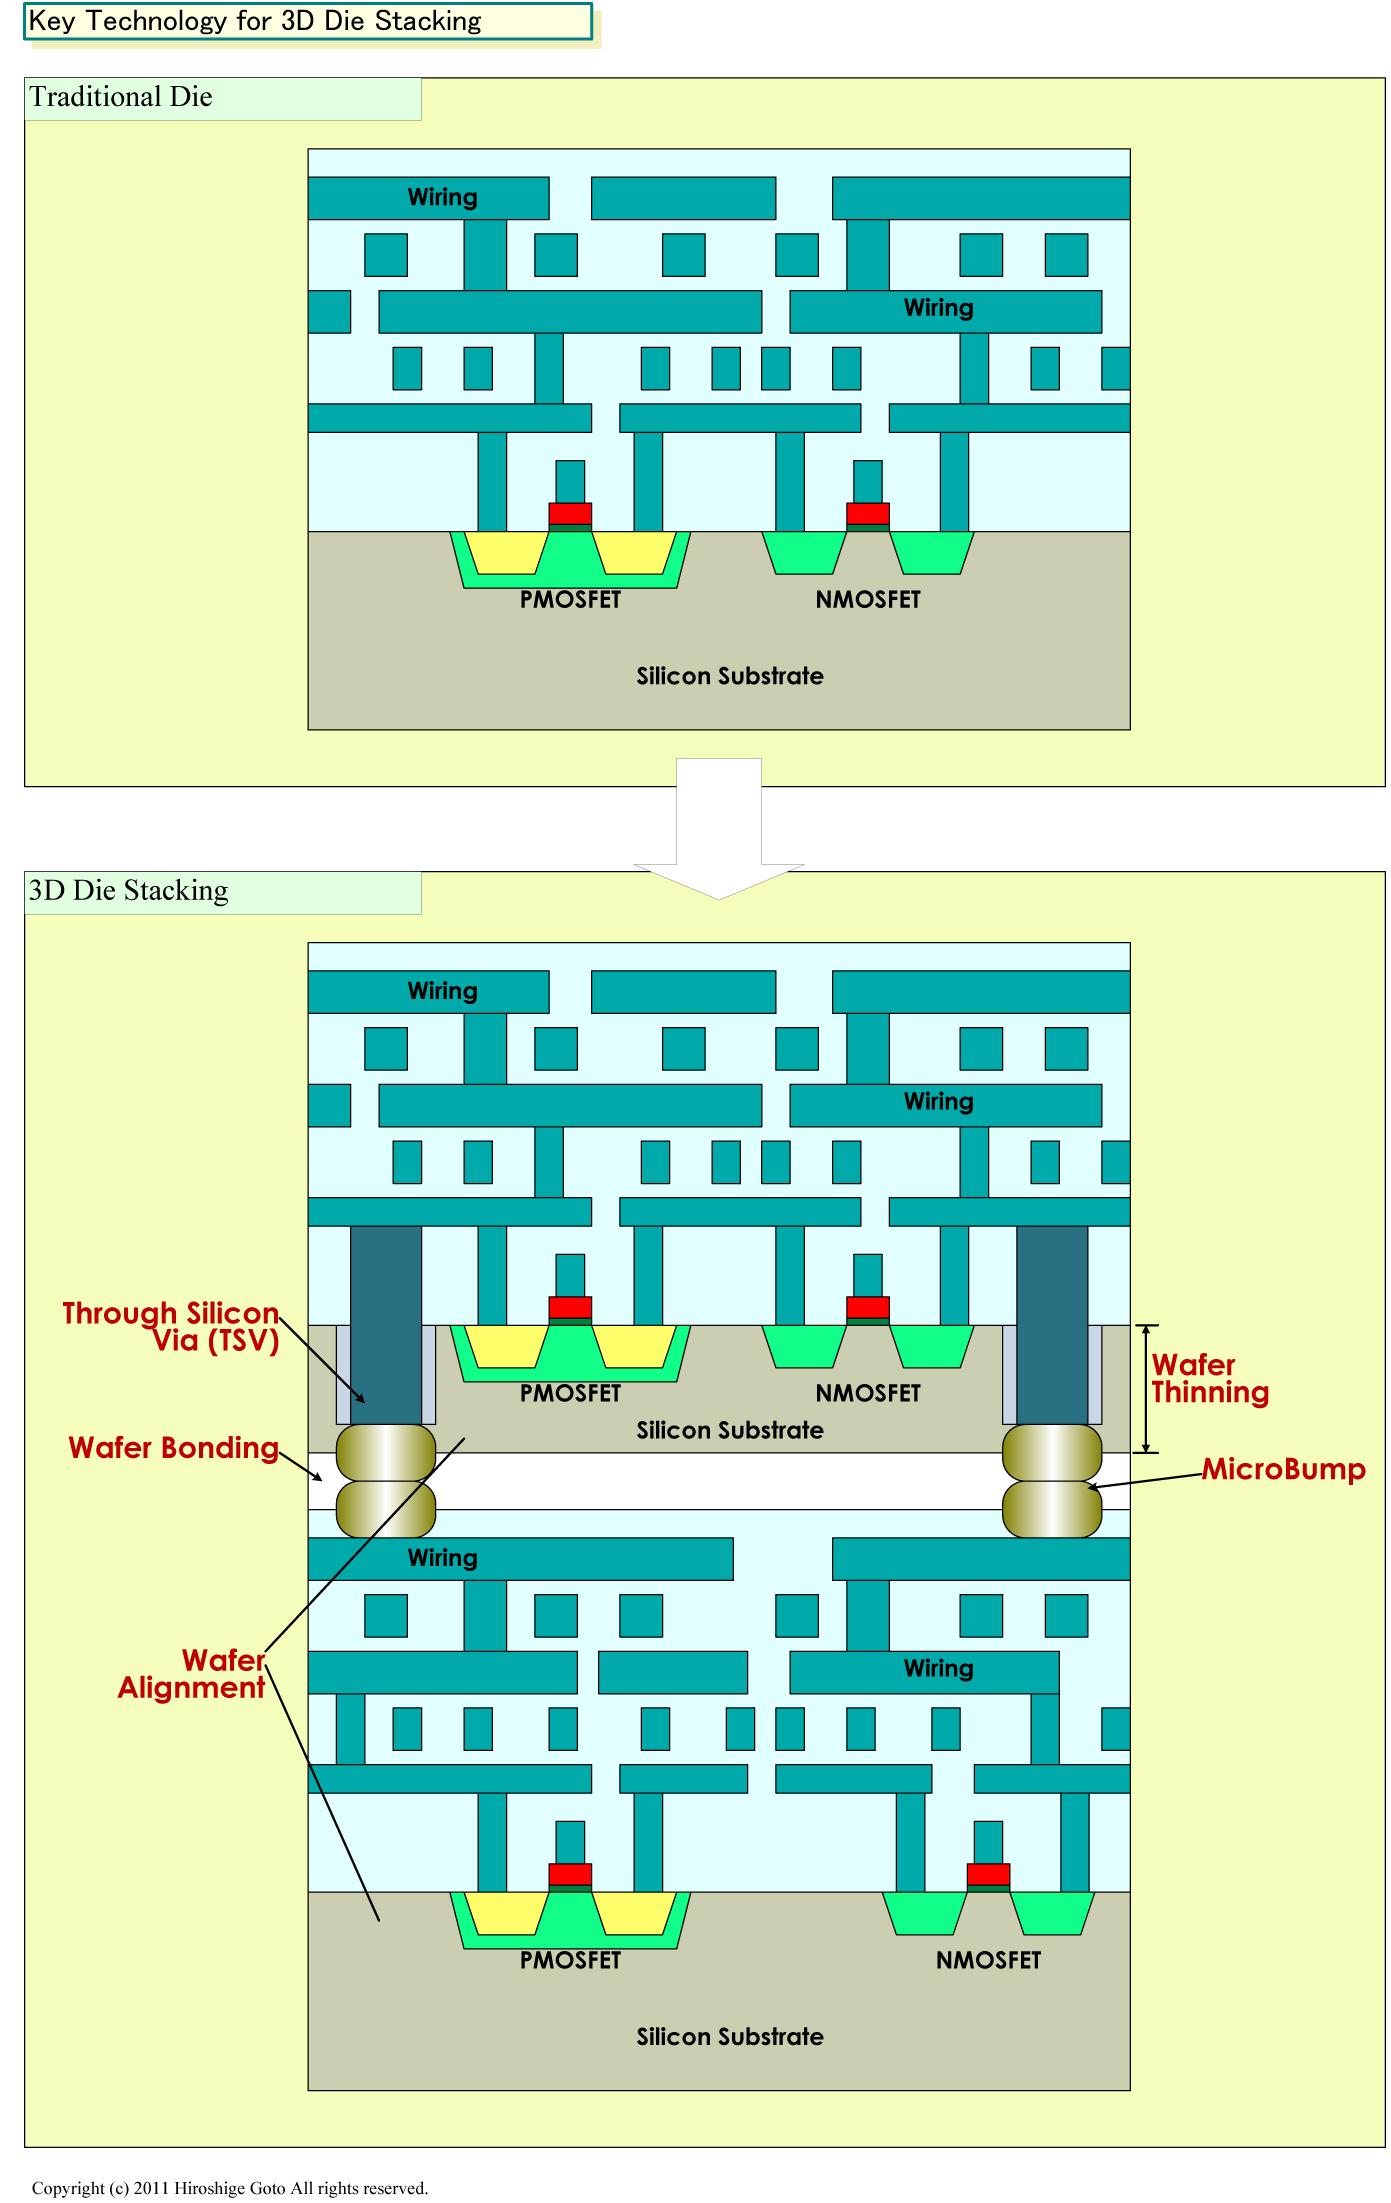 """TSVの基本技術         <br>PDF版は<a href=""""/video/pcw/docs/526/857/p16.pdf"""">こちら</a>"""